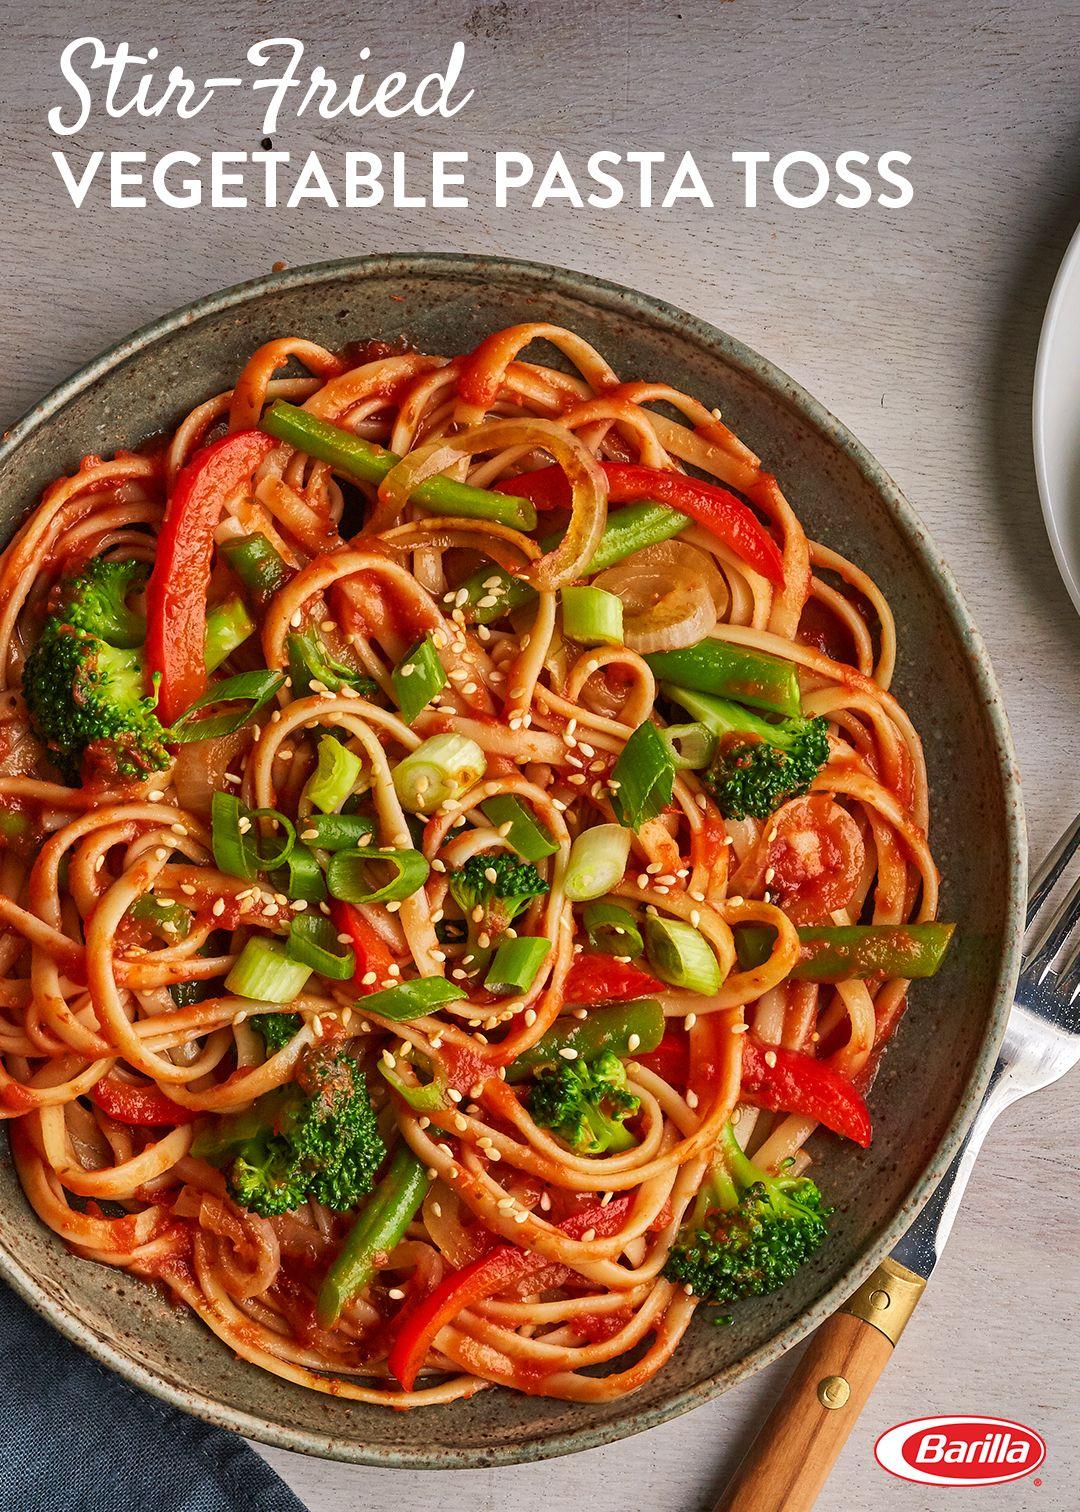 8a3b0559018971bbaec59a56267d6ec3 - Ricette Noodles